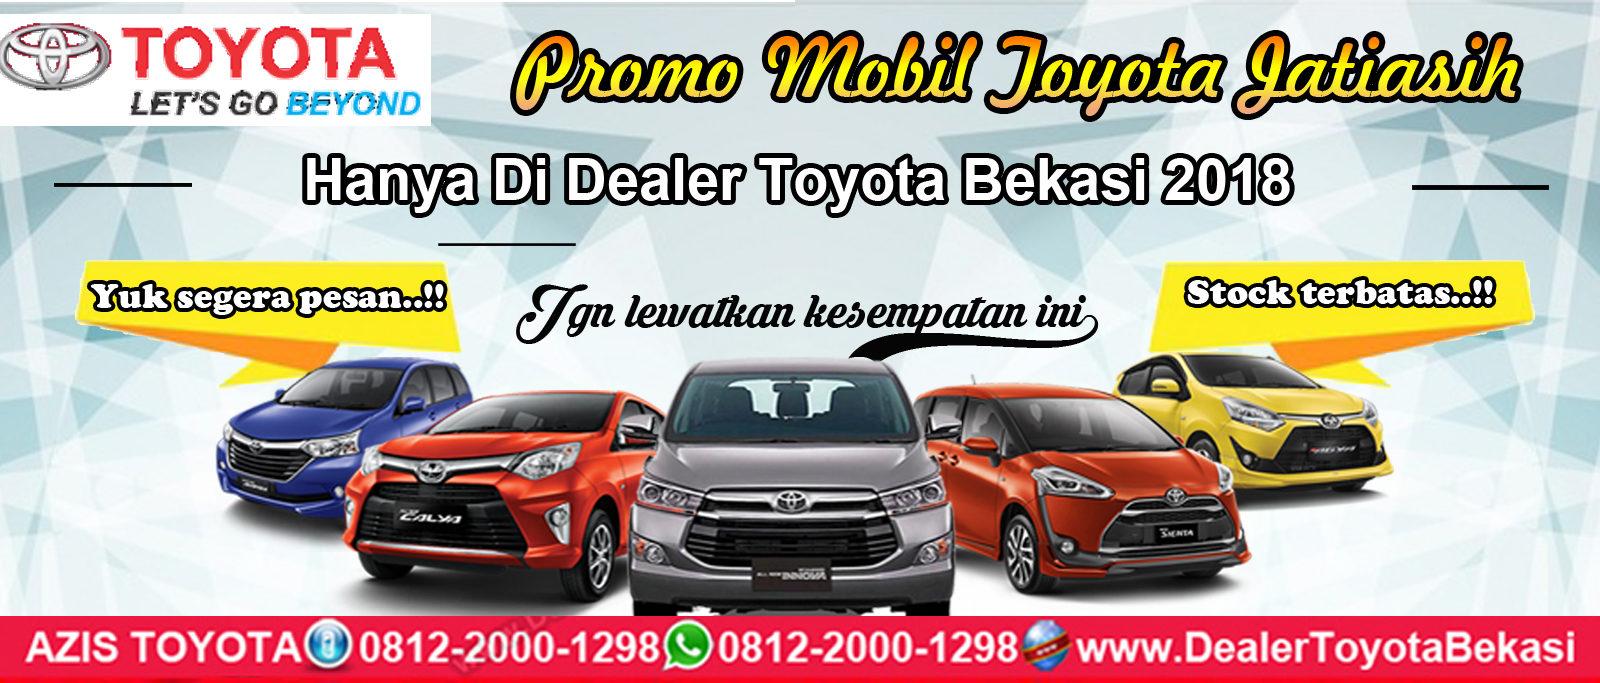 Promo Dealer Toyota Jatiasih Edisi Terbaru 2018